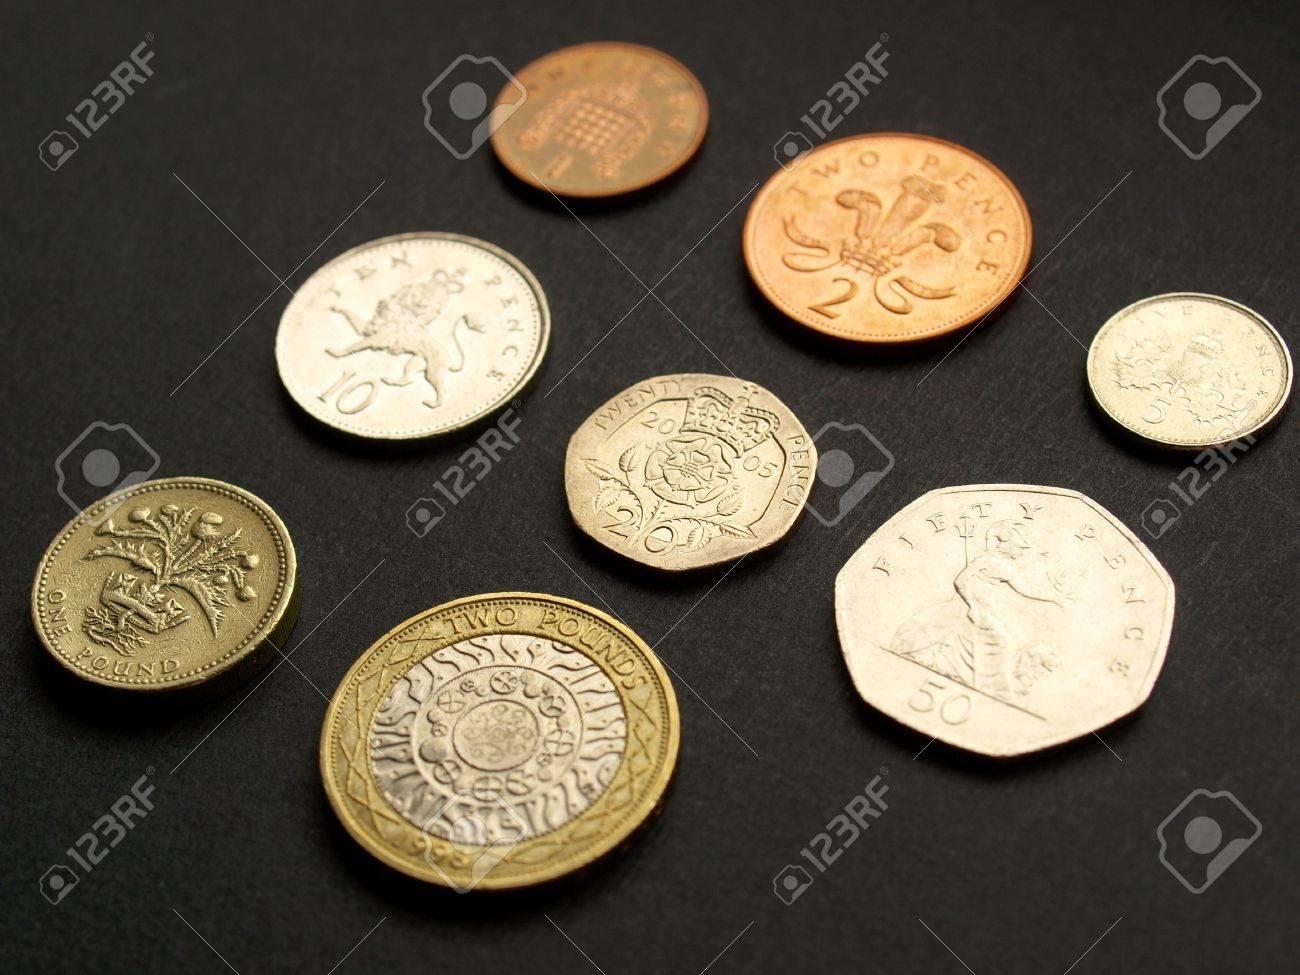 Britische Pfund Münzen Uk Währung über Einem Dunklen Hintergrund